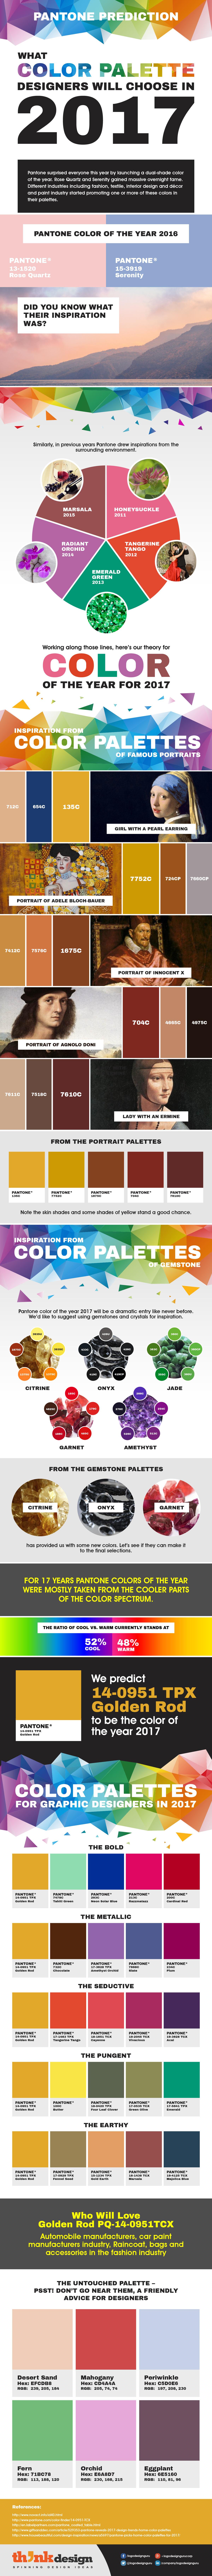 Infographic-pantone-kleuren-2017